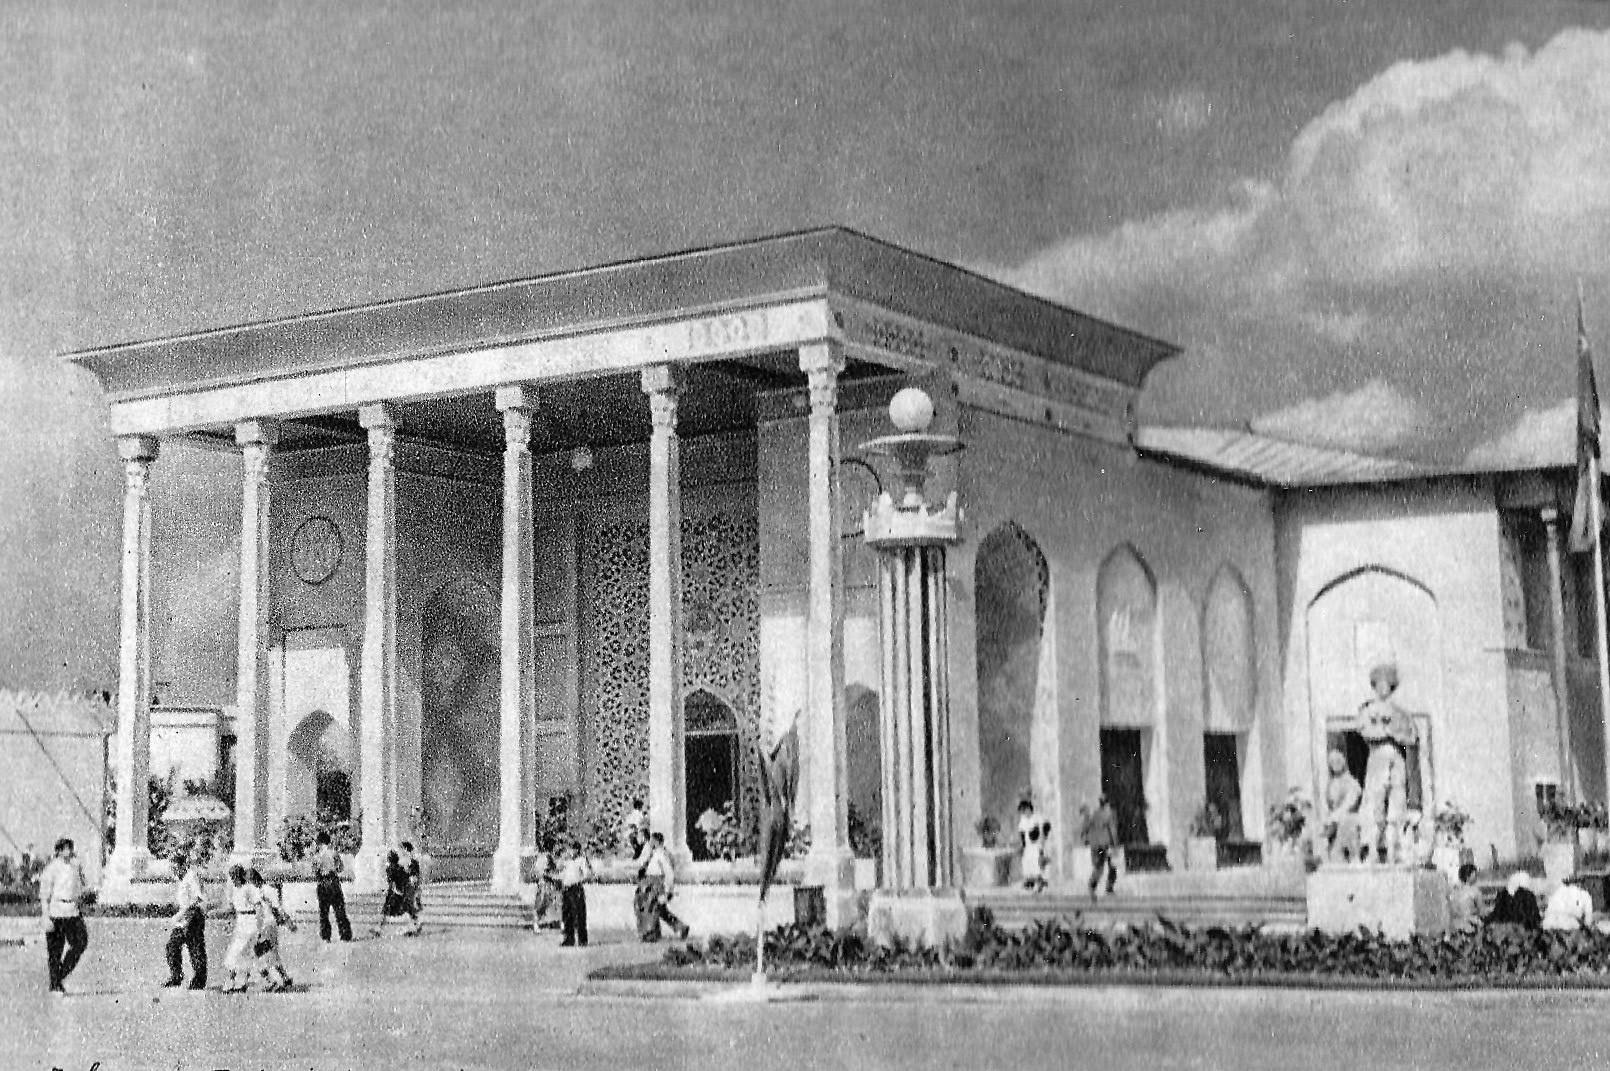 Il Padiglione della Repubblica Socialista Sovietica Turkmena in una foto del 1939-40